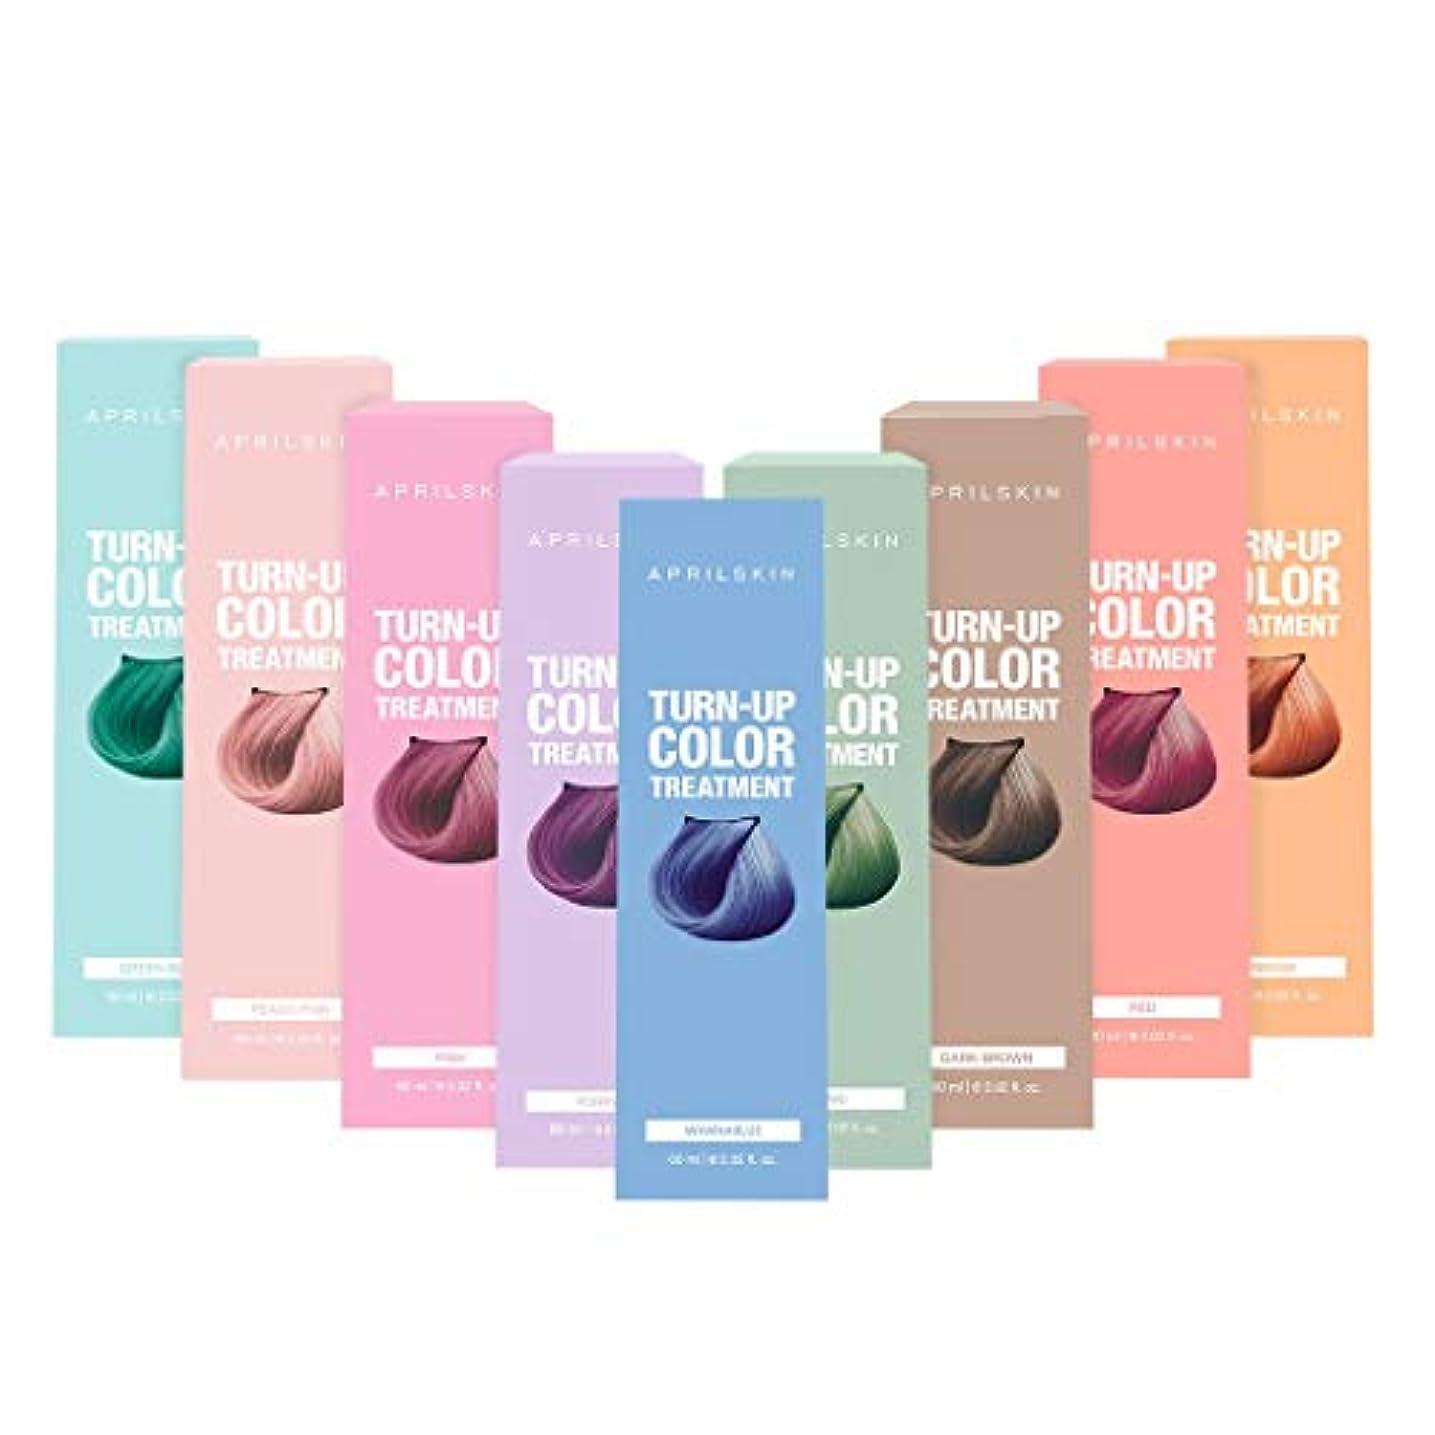 小道ユニークなシャワーApril Skin Turn up Color Treatment★ビッグセール★ターンアップカラートリートメント60ml (Dark Brown)/ヘアダイ/トリートメント/K-Beauty